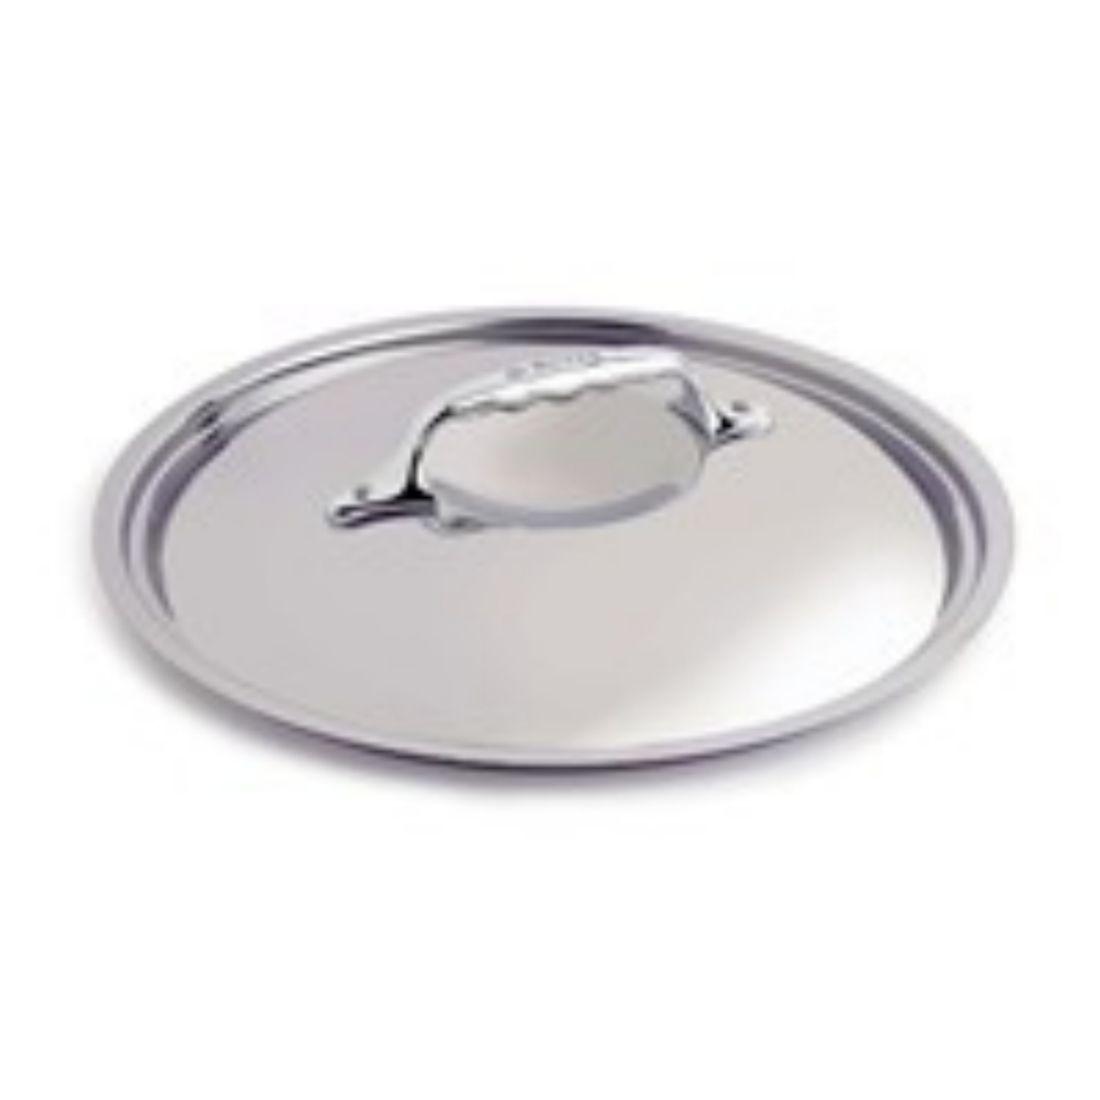 Poklice nerezová pro měděné nádobí, pr. 28 cm